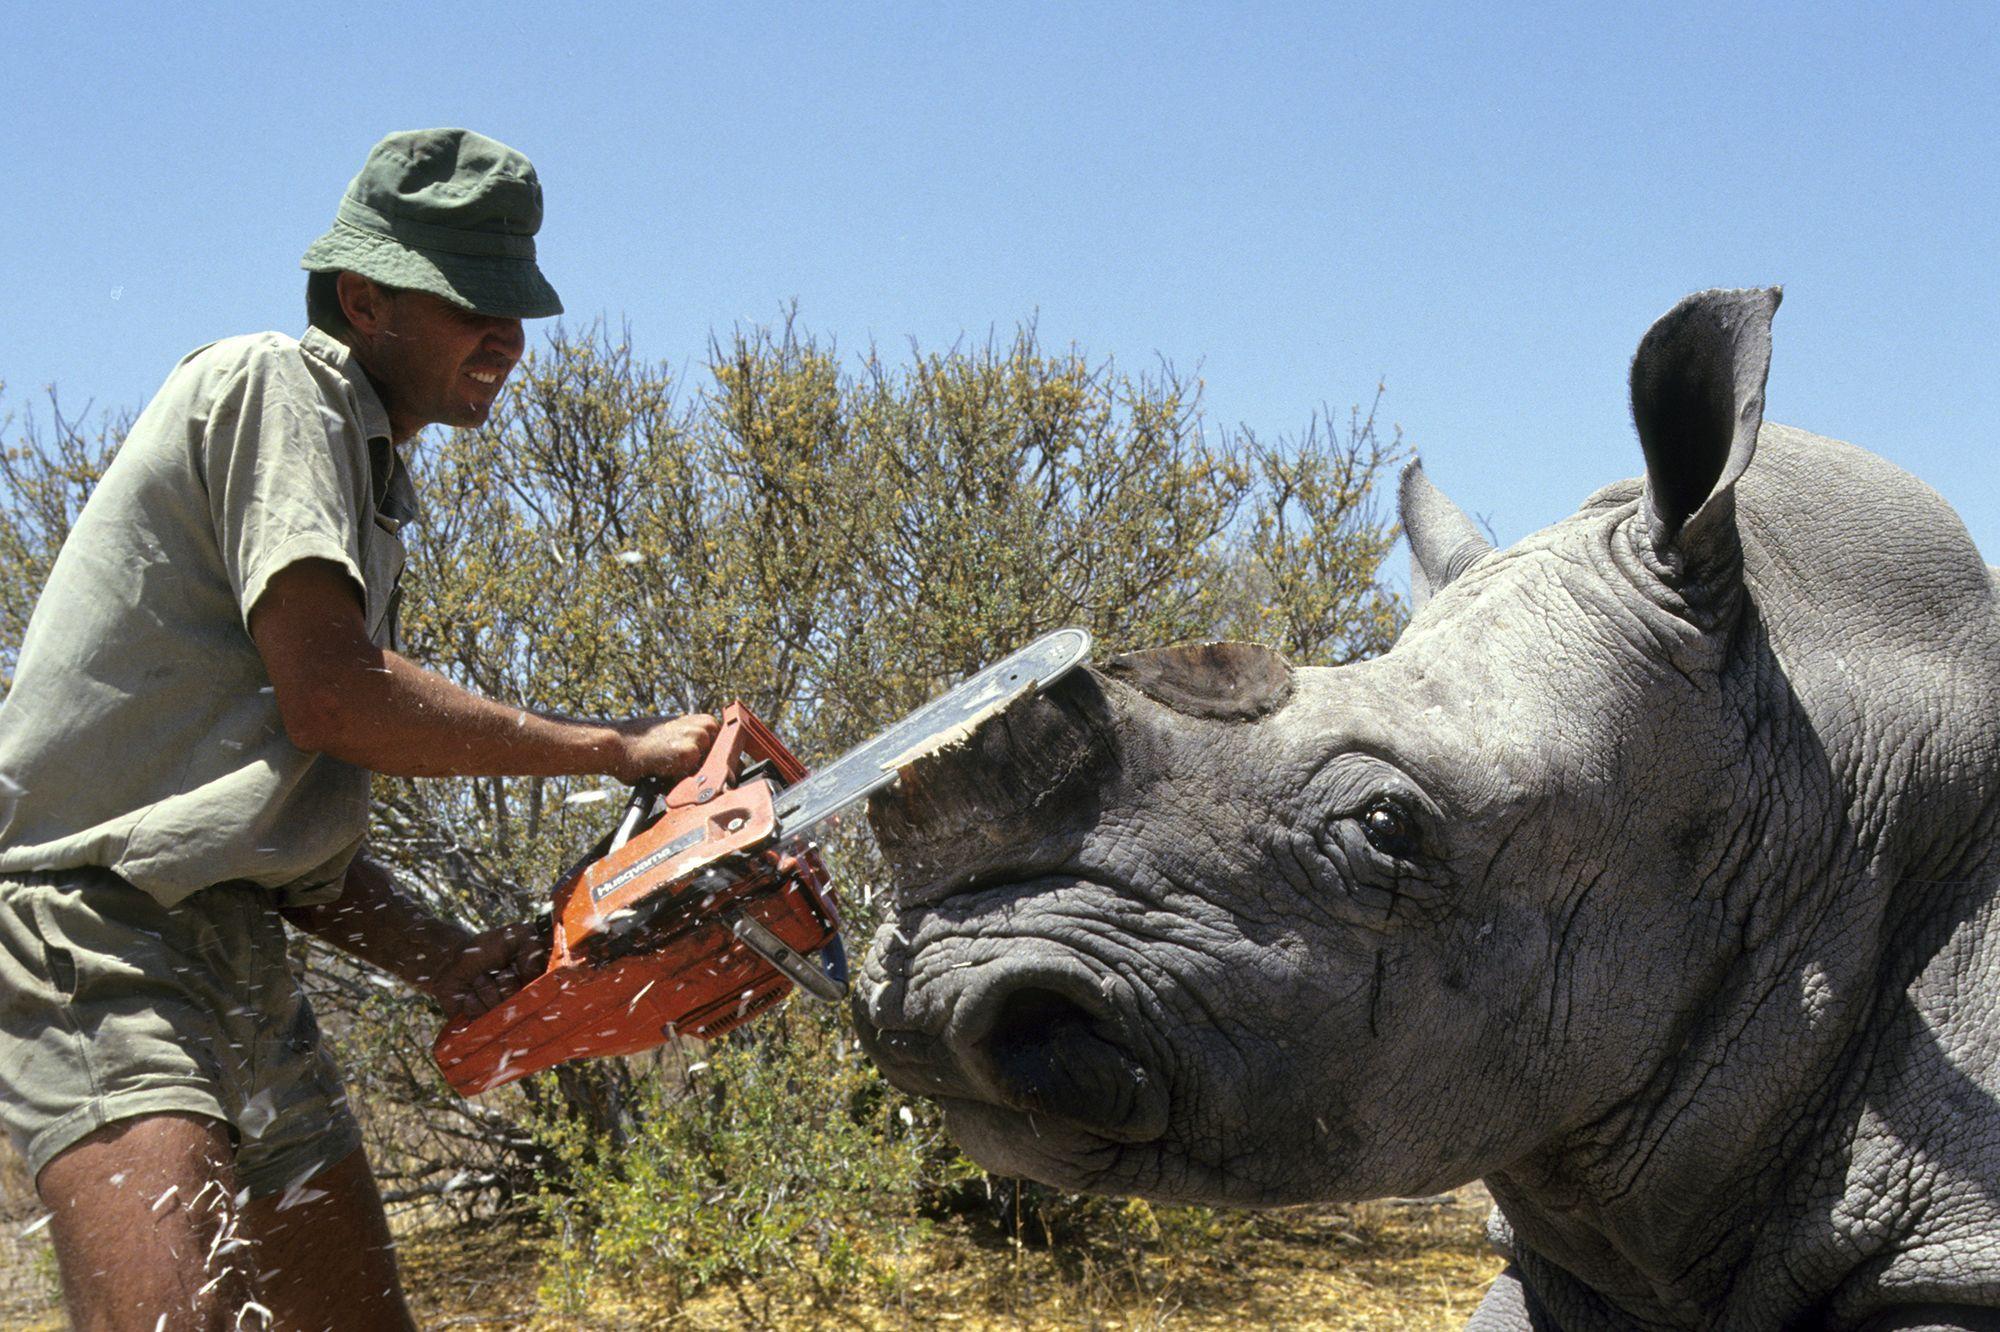 afrique-du-sud-des-rhinoceros-bientot-rendus-radioactifs-pour-eviter-le-braconnage